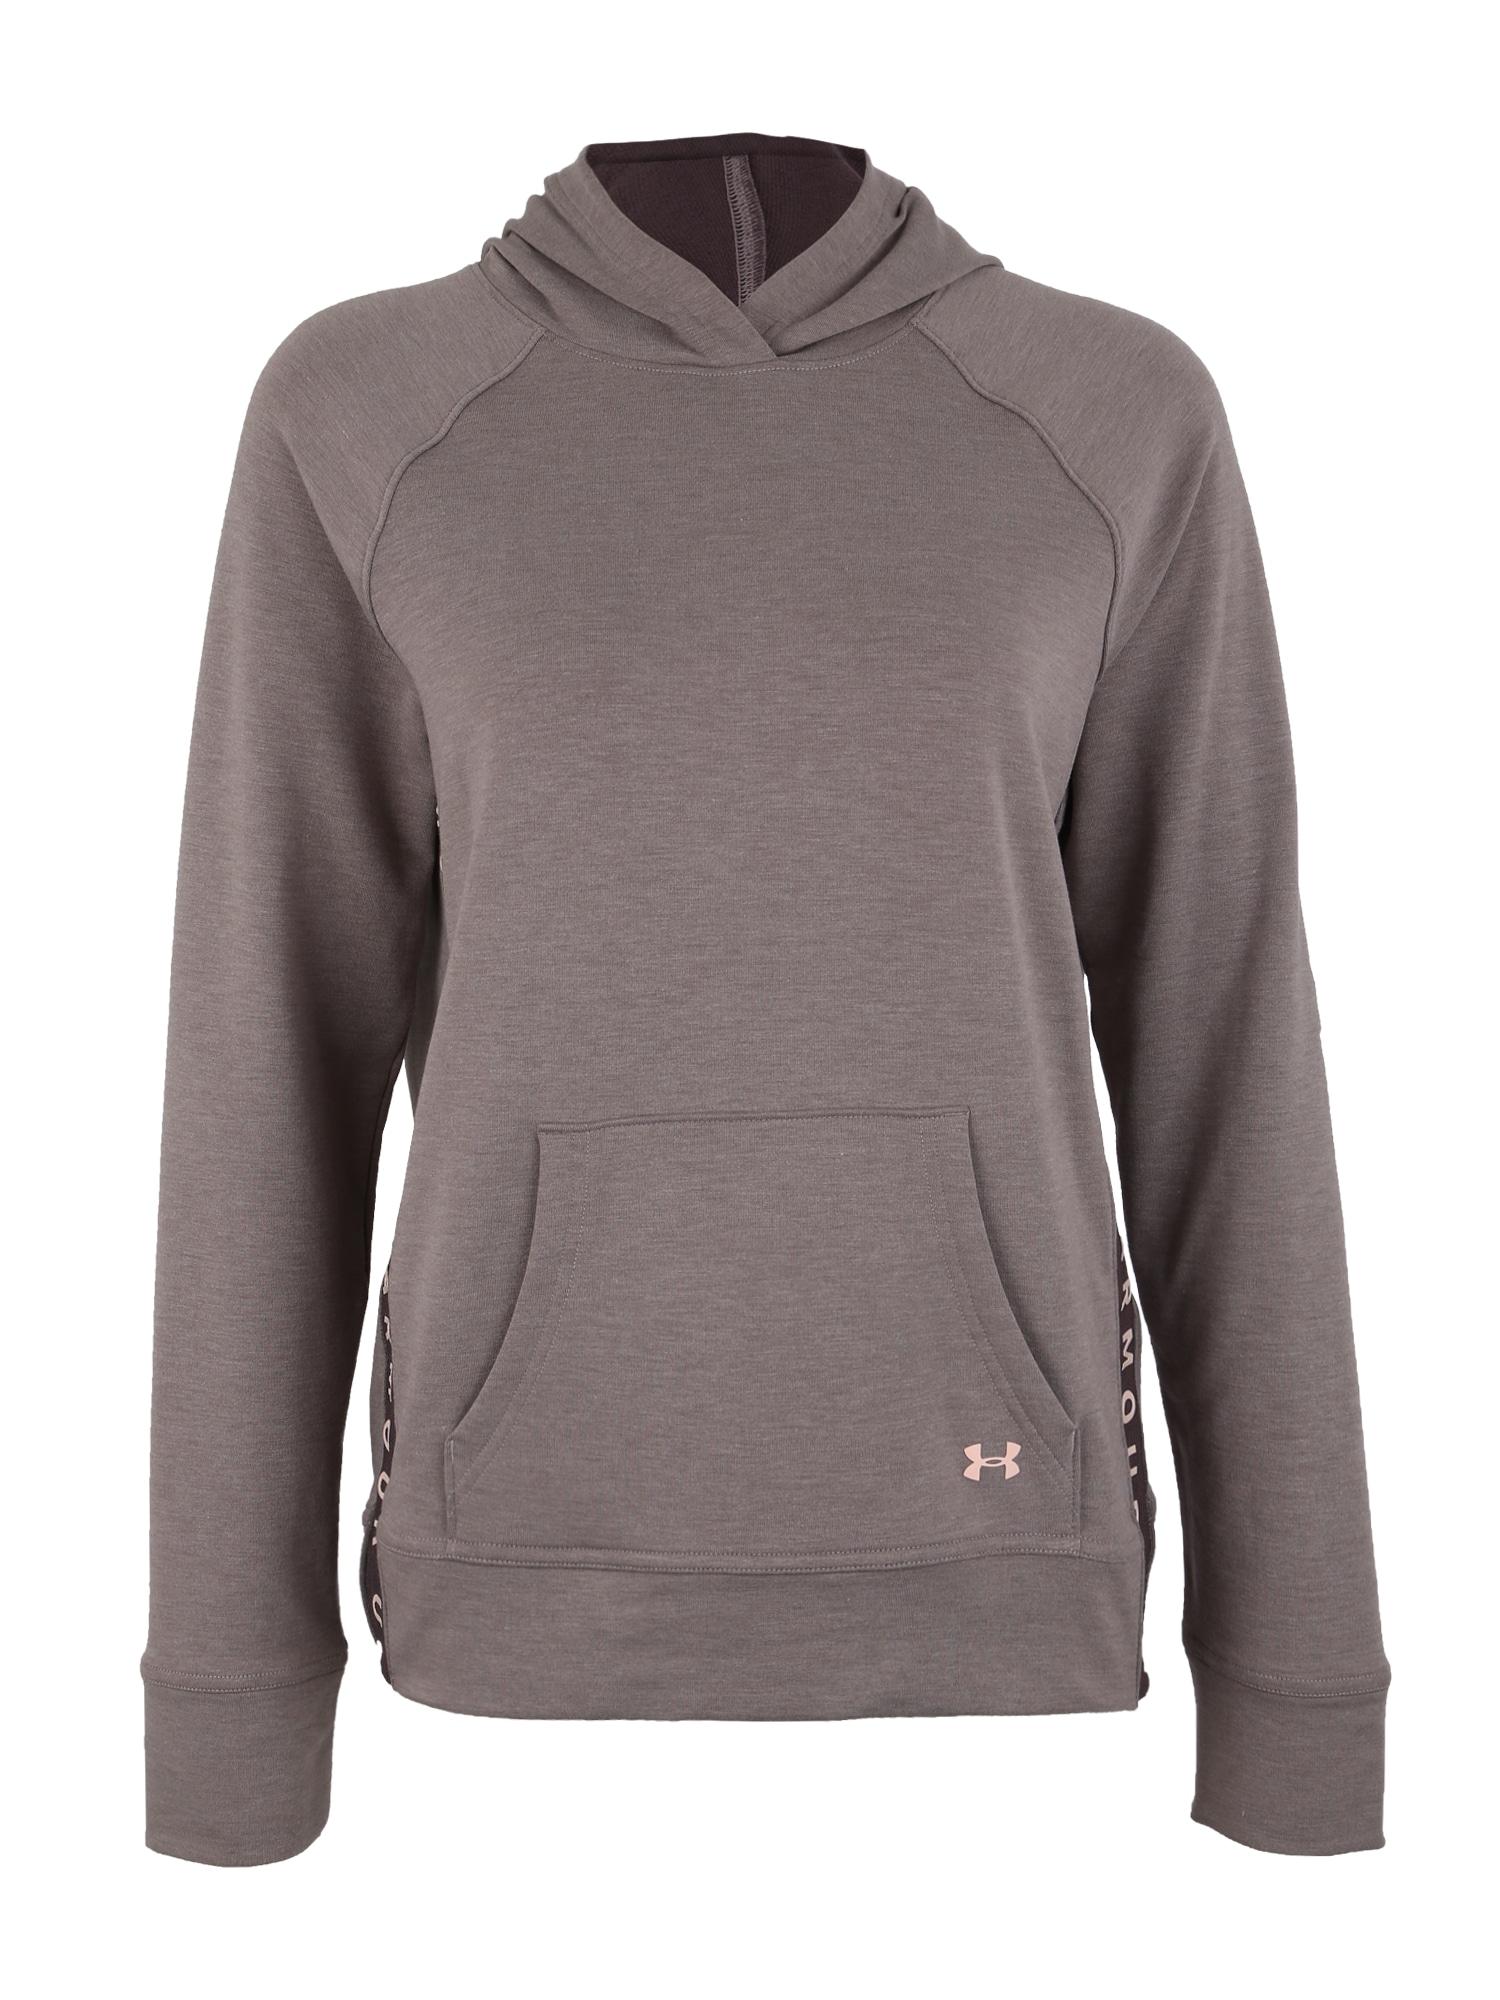 Sportsweatshirt | Sportbekleidung > Sportshirts | Under Armour